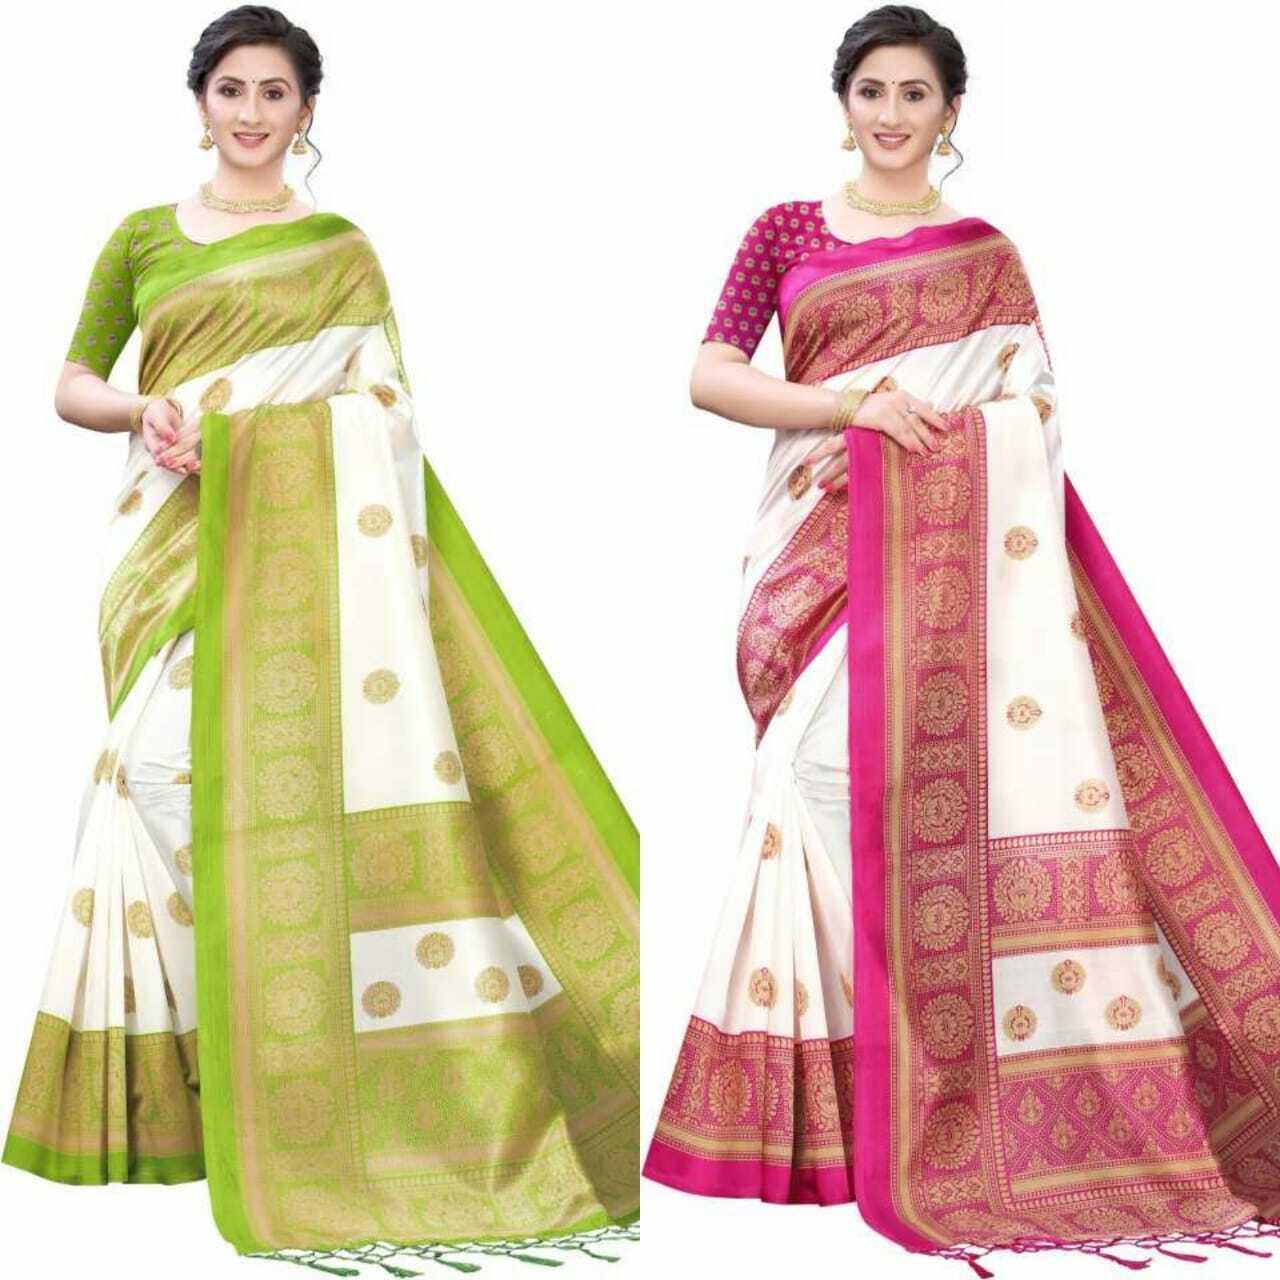 Sari Saree Indian Wedding Designer Women Party Wear Bollywood Fansy Saree Blouse